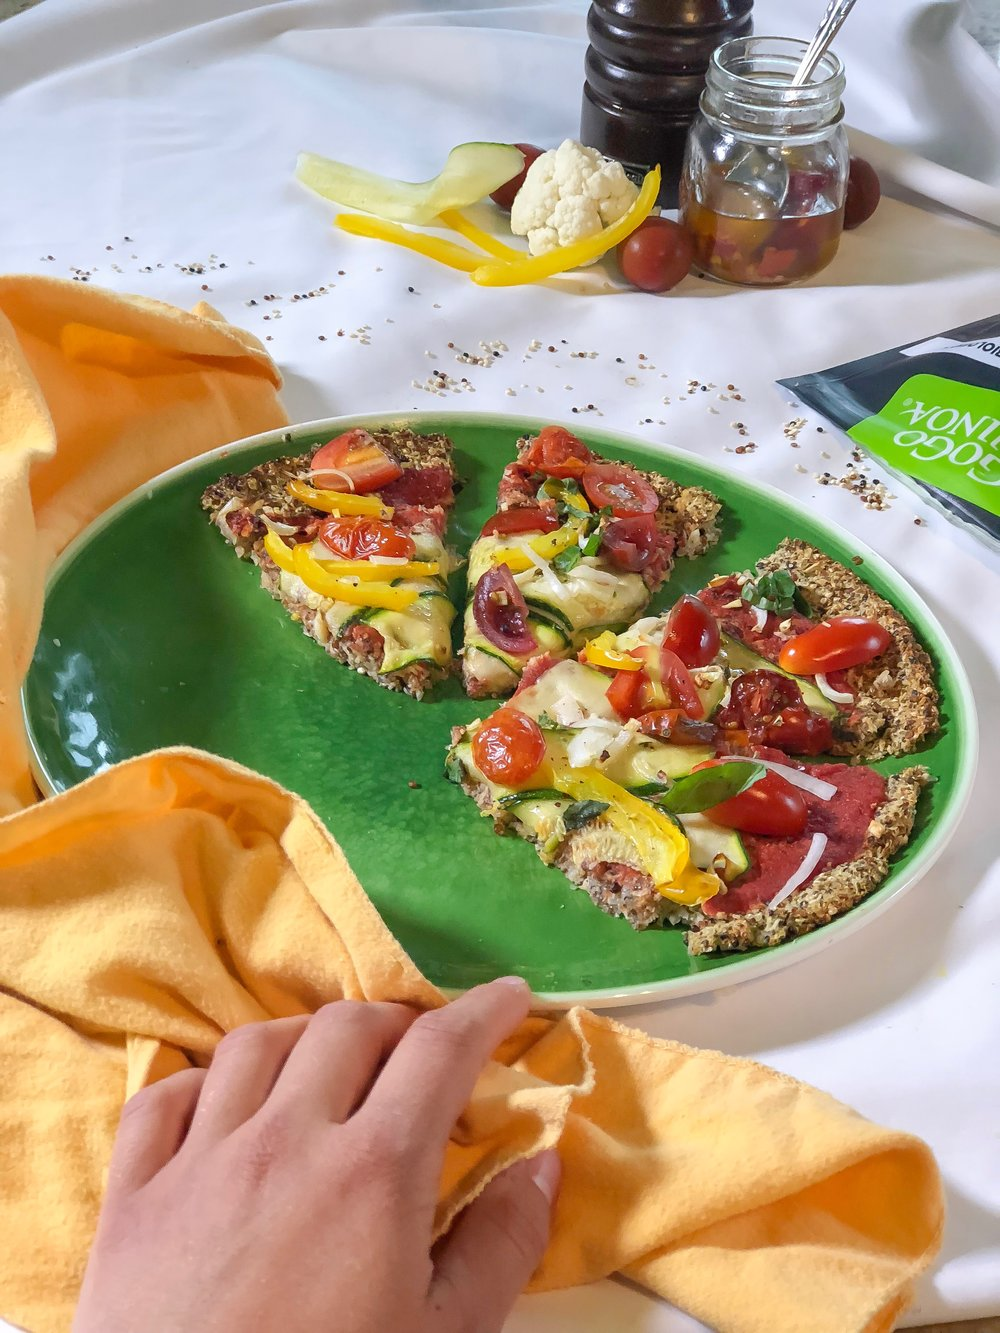 Garniture: Zucchinis, poivrons jaunes, tomates ceries, basilic frais, sauce tomate, oignons jaunes, ail, sel et poivre.